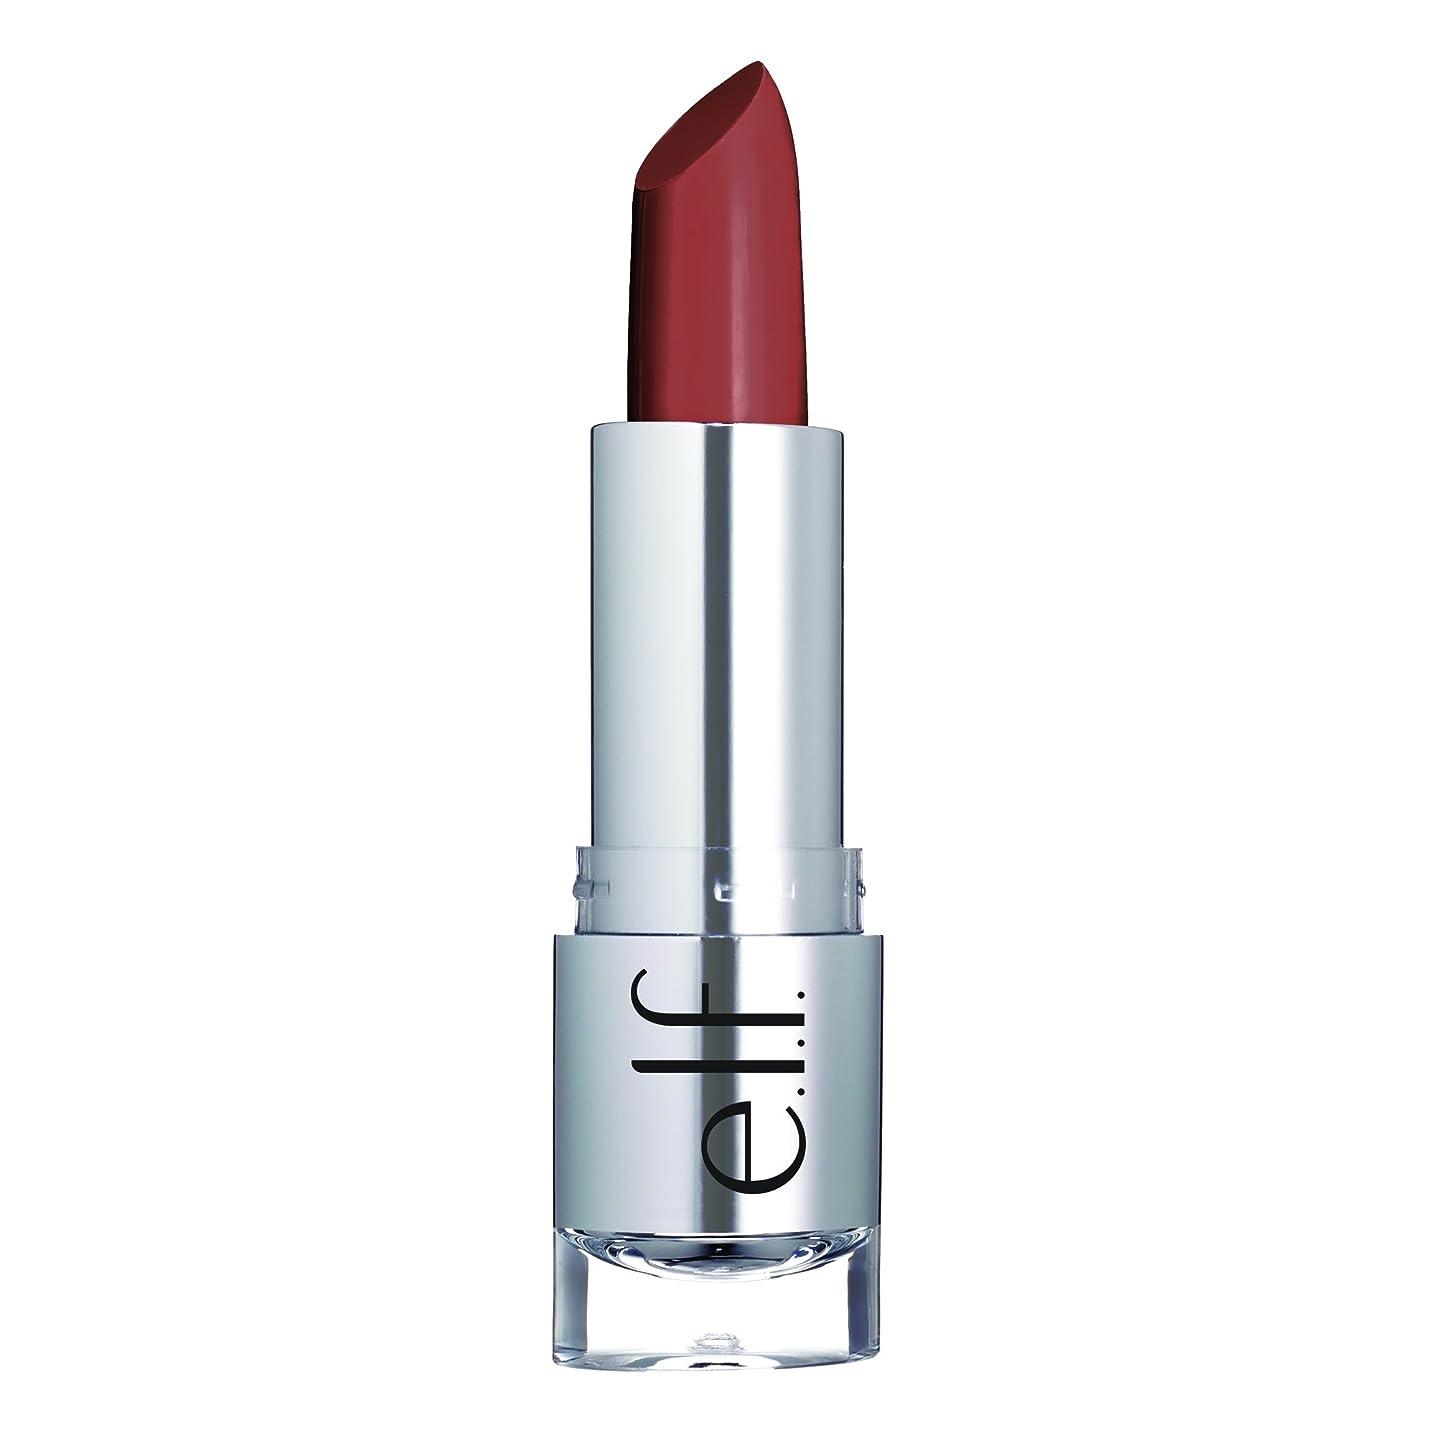 先のことを考える認証かもめE.L.F. Cosmetics, ビューティフルベア, サタンリップスティック, タッチオブブラシ, 0.13 oz (3.8 g)